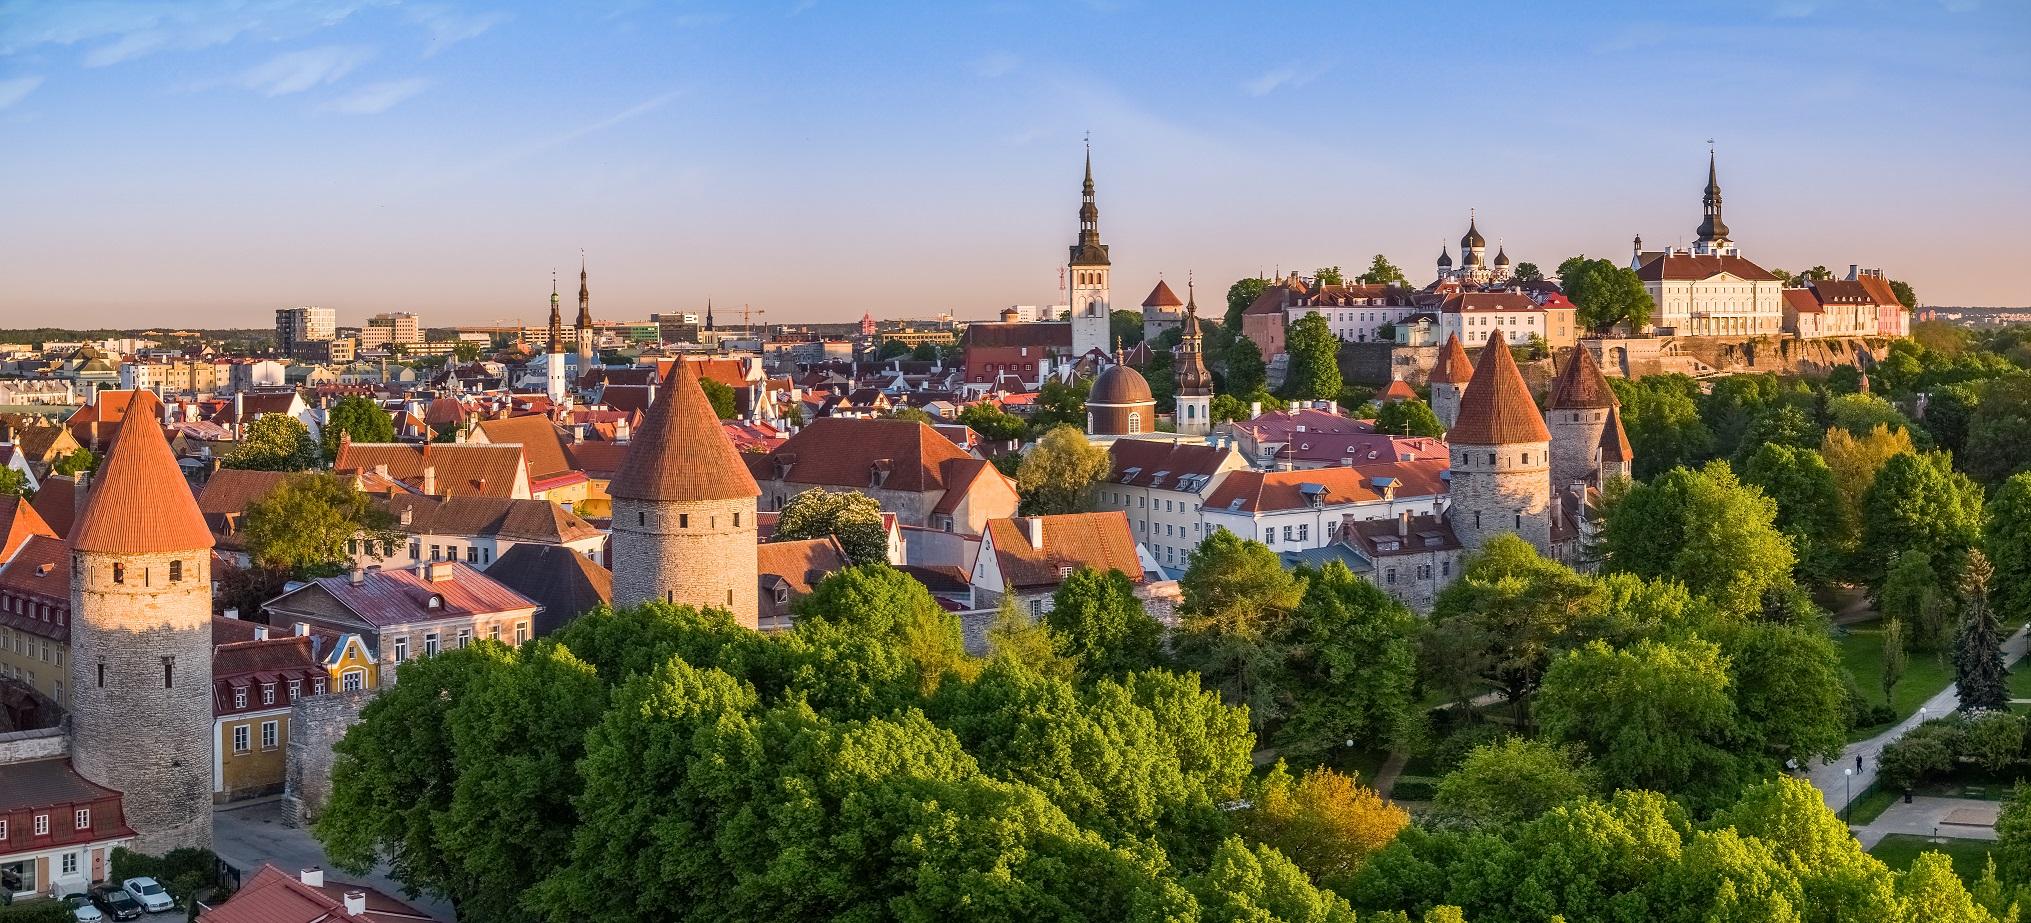 Liikluspiirangud seoses Tallinna Maratoniga 6. - 8.09.2019